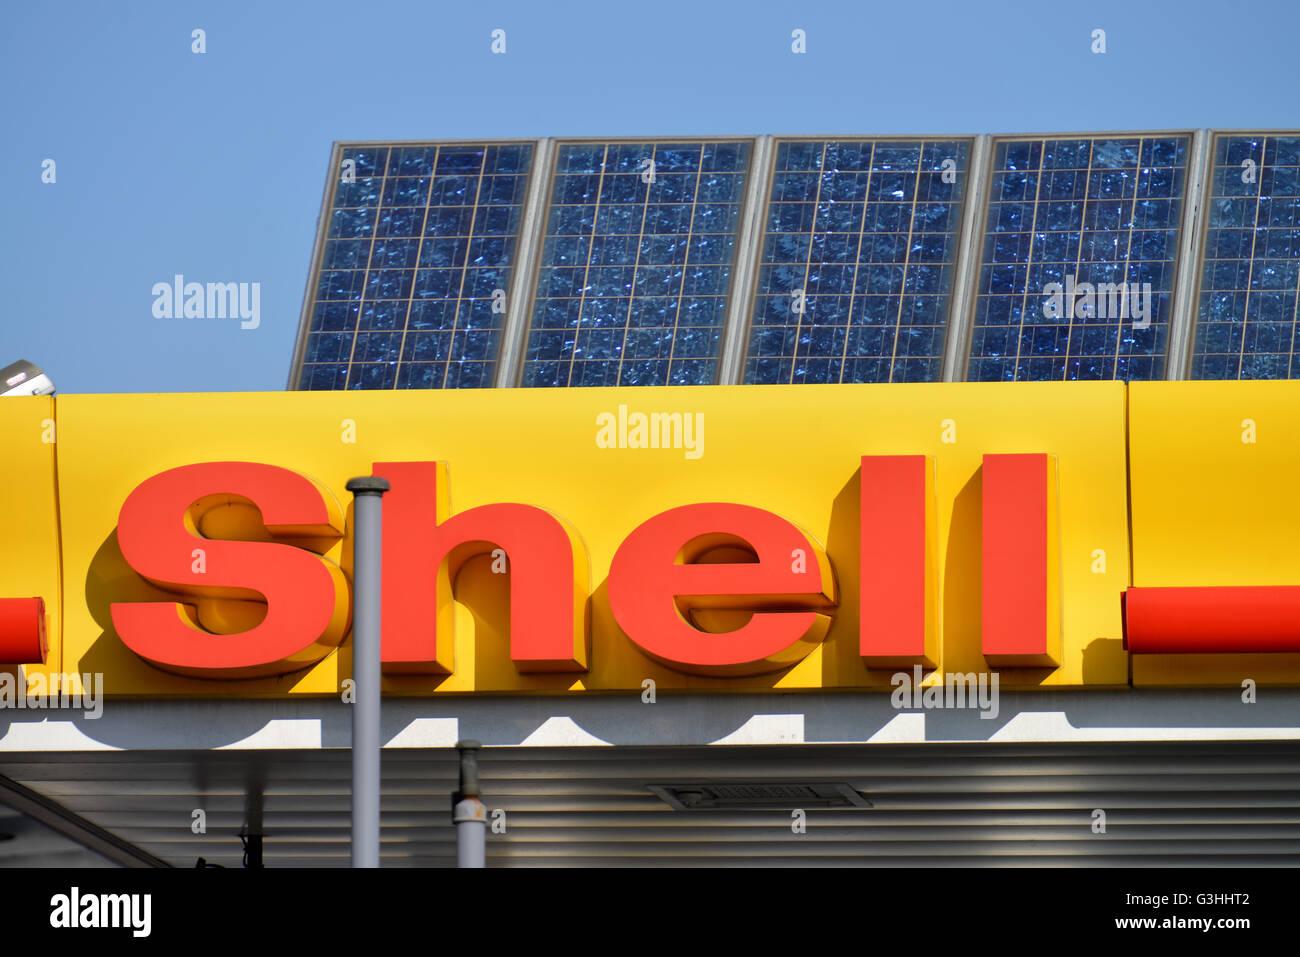 Shell, Tankstelle, Solarzellen, Hohenzollerndamm, Wilmersdorf, Berlin, Deutschland - Stock Image